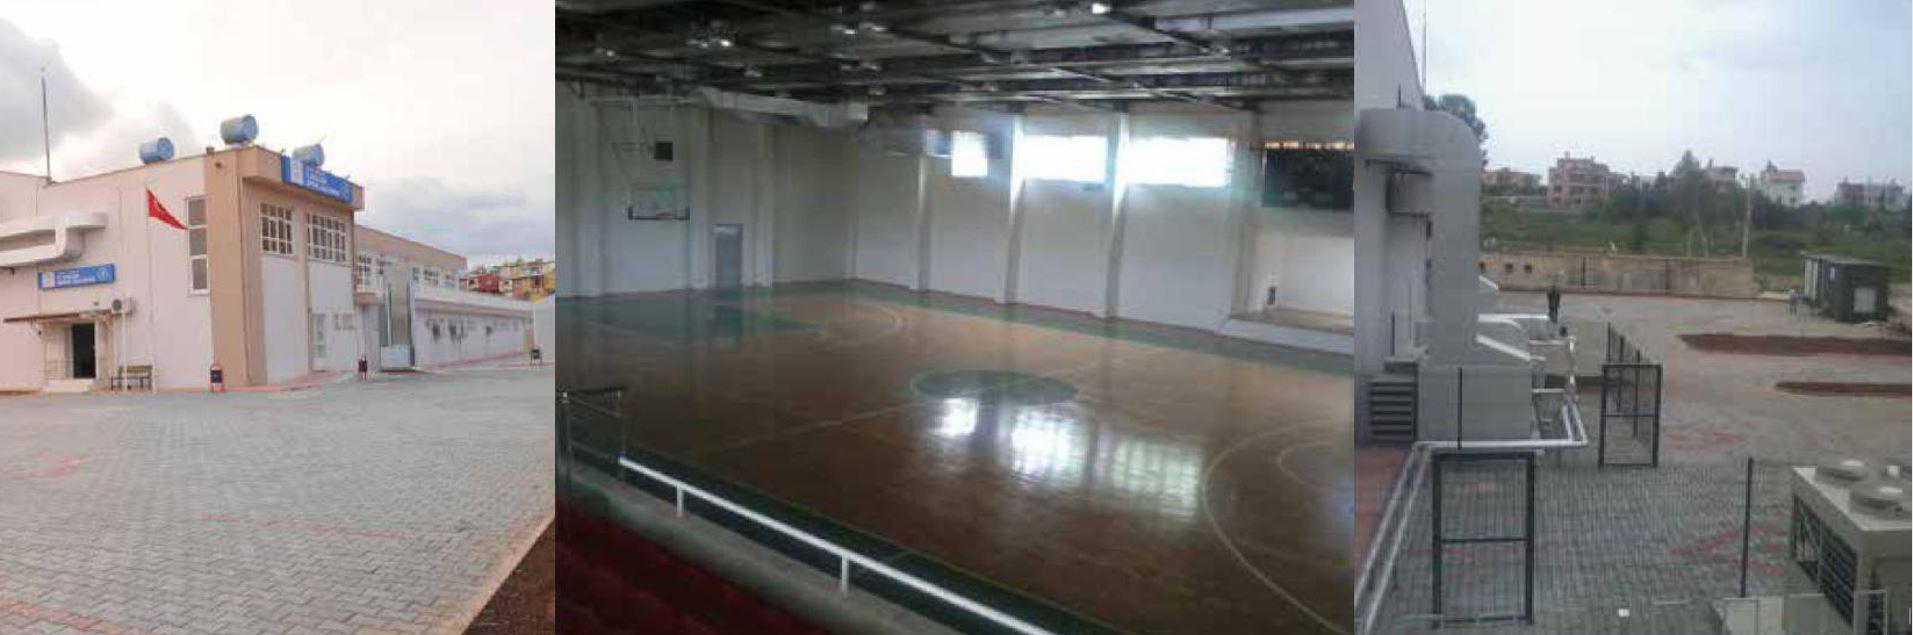 7.Bölge Spor Salonu İnşaatı